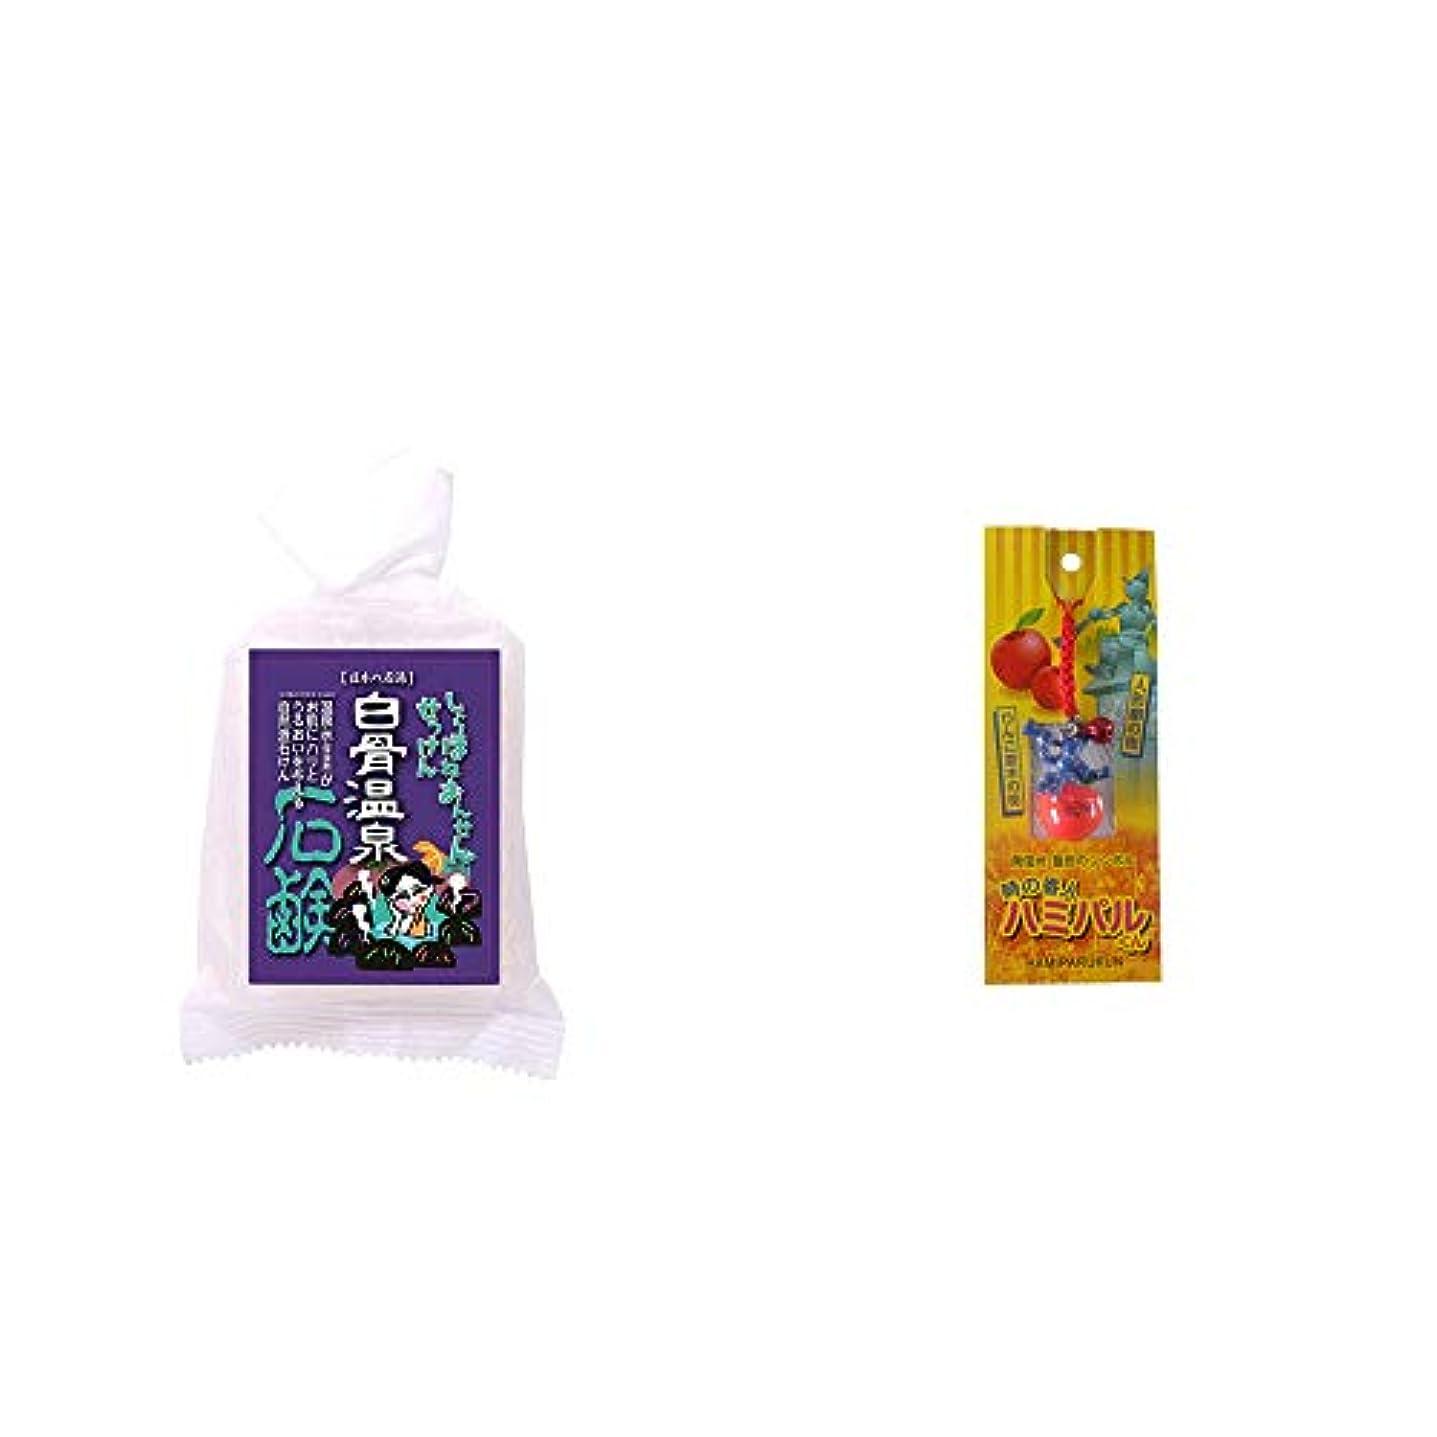 検体埋め込むダルセット[2点セット] 信州 白骨温泉石鹸(80g)?信州?飯田のシンボル 時の番人ハミパルくんストラップ